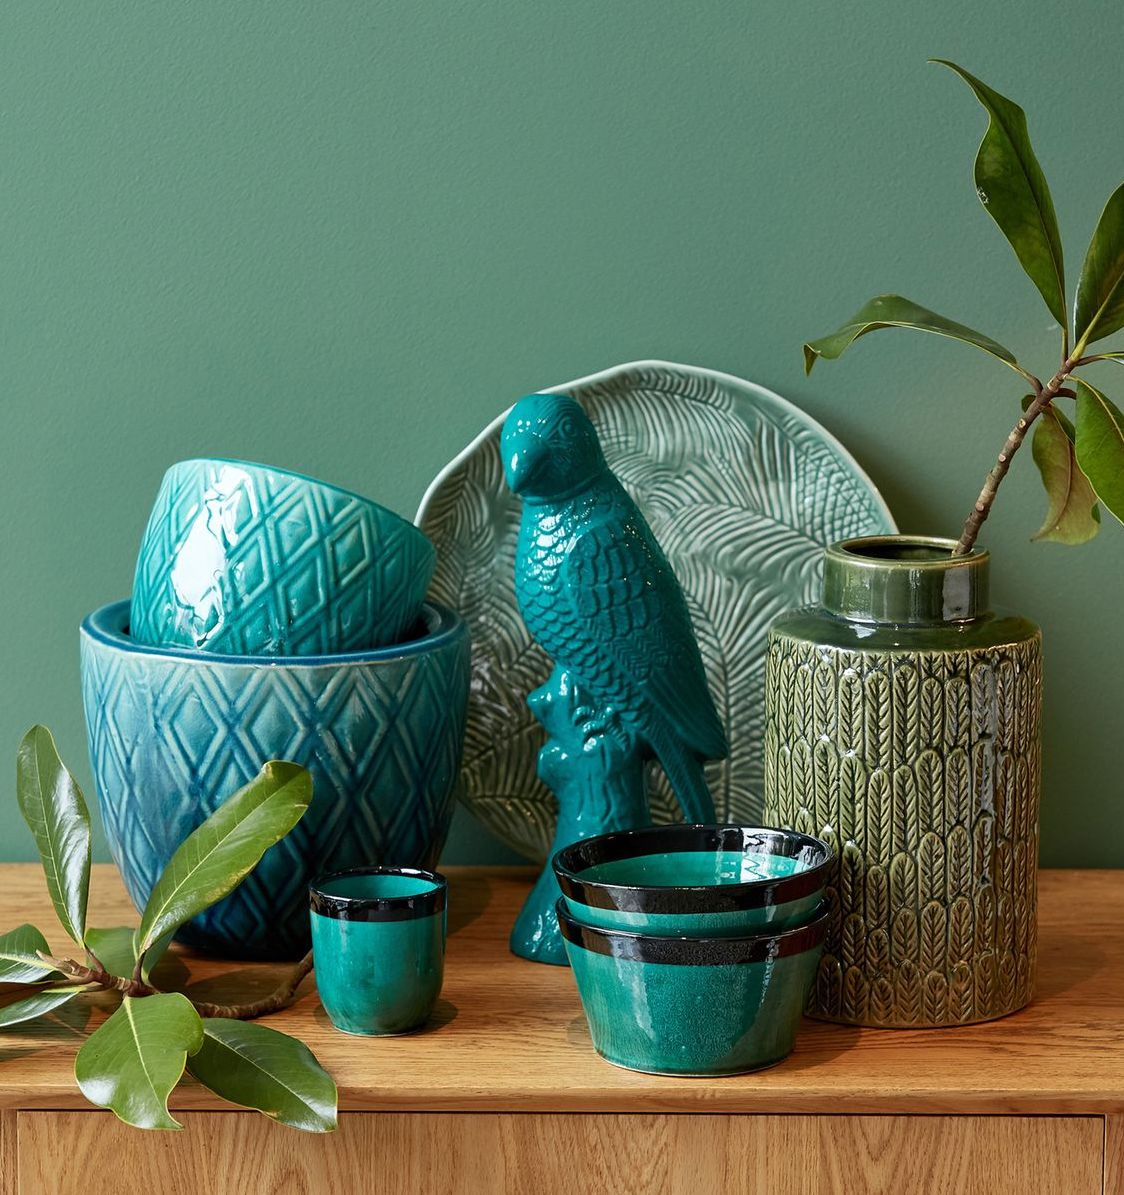 blog déco ustensiles cuisine tasses bols vase moules bleu